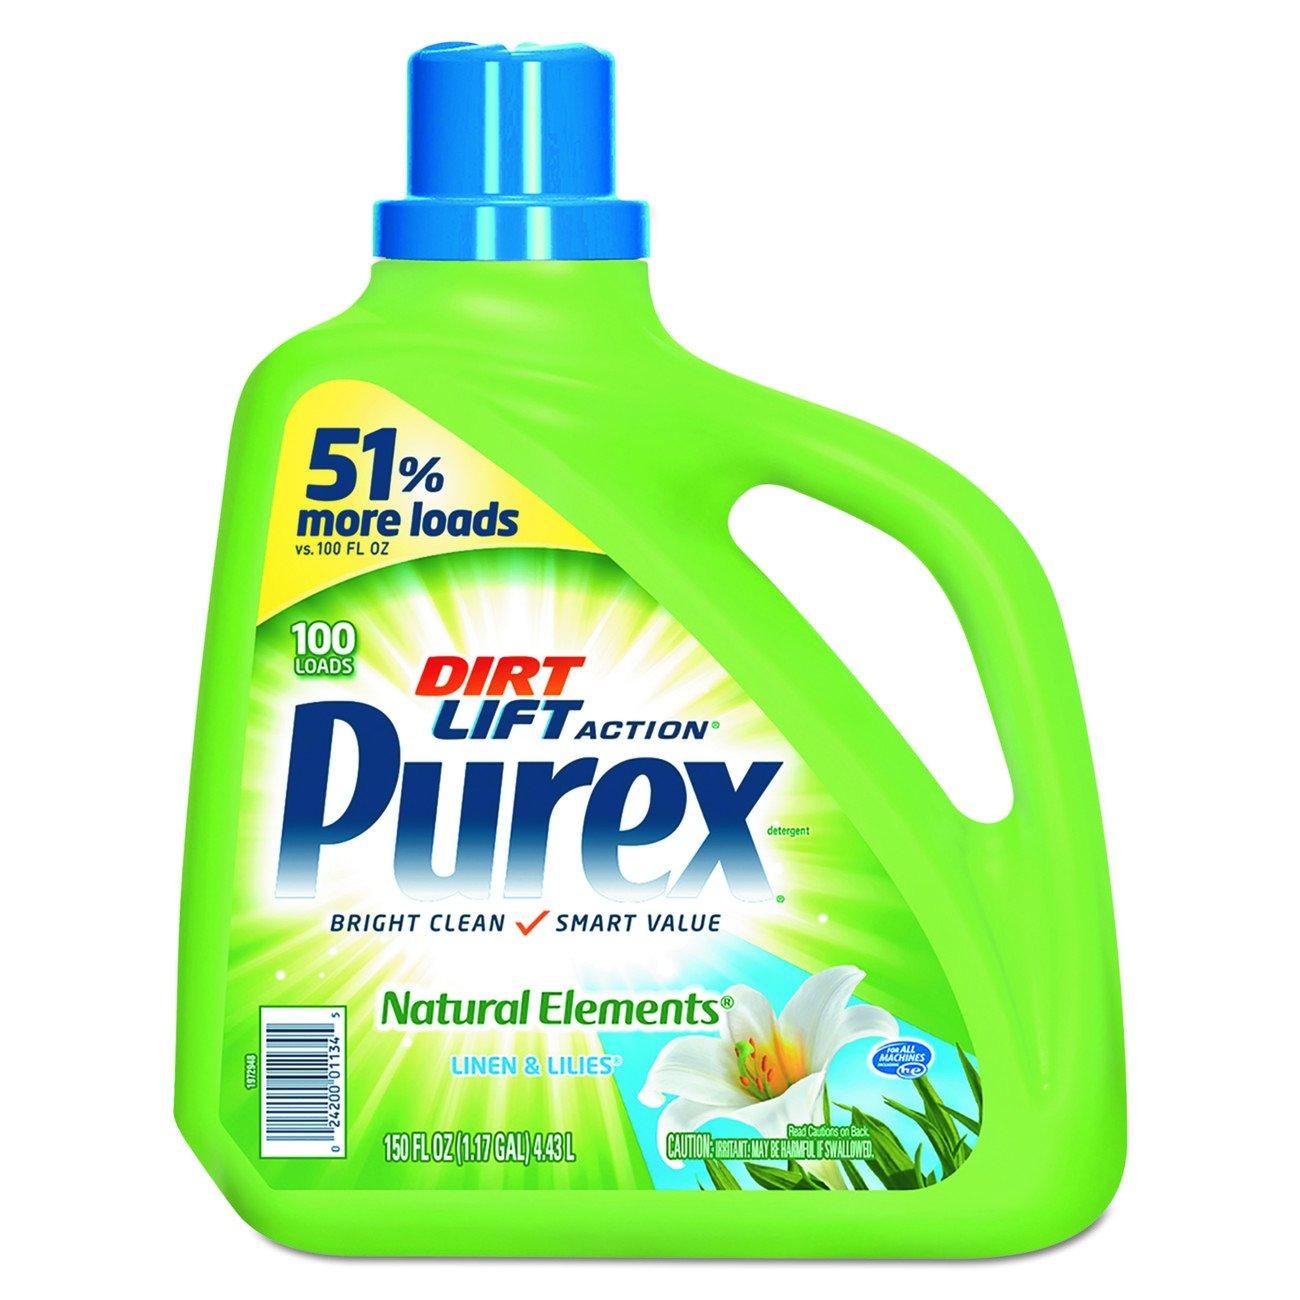 Purex Natural Elements Liquid Detergent Linen Lilies Max 90% OFF Import and 4 150oz